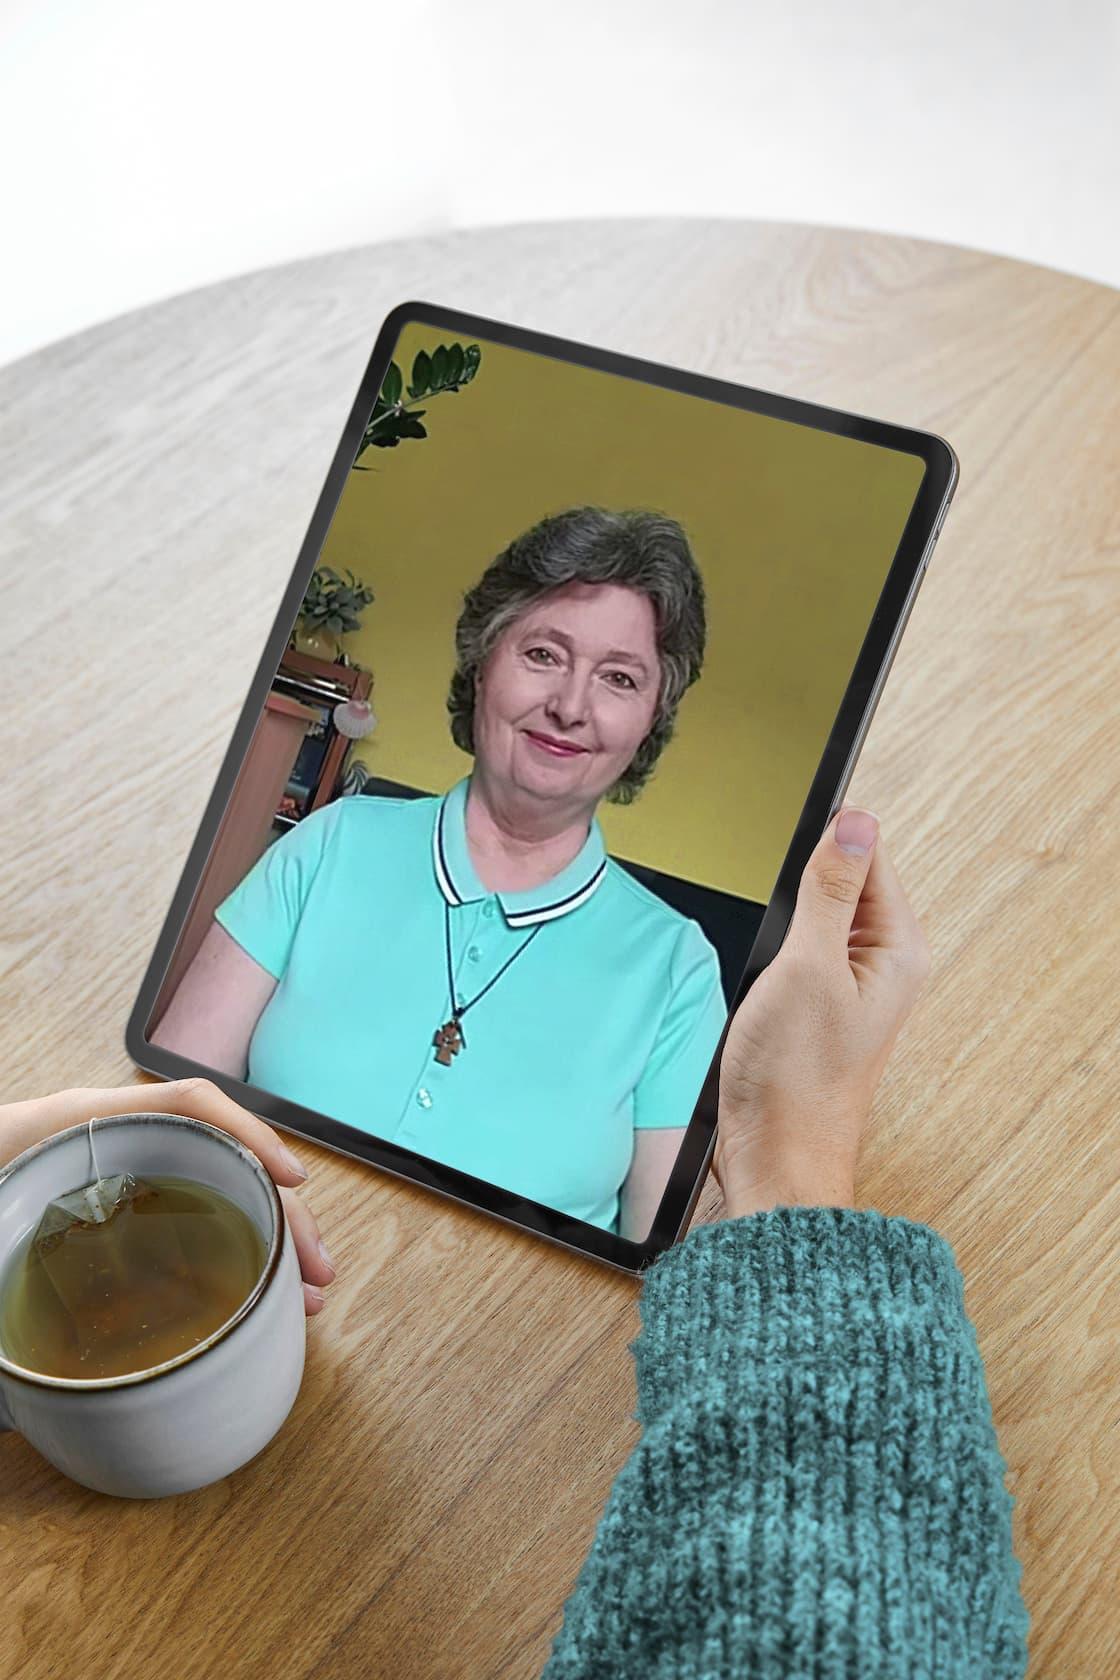 Christliche Onlinetherapie bei Gabriele Sych